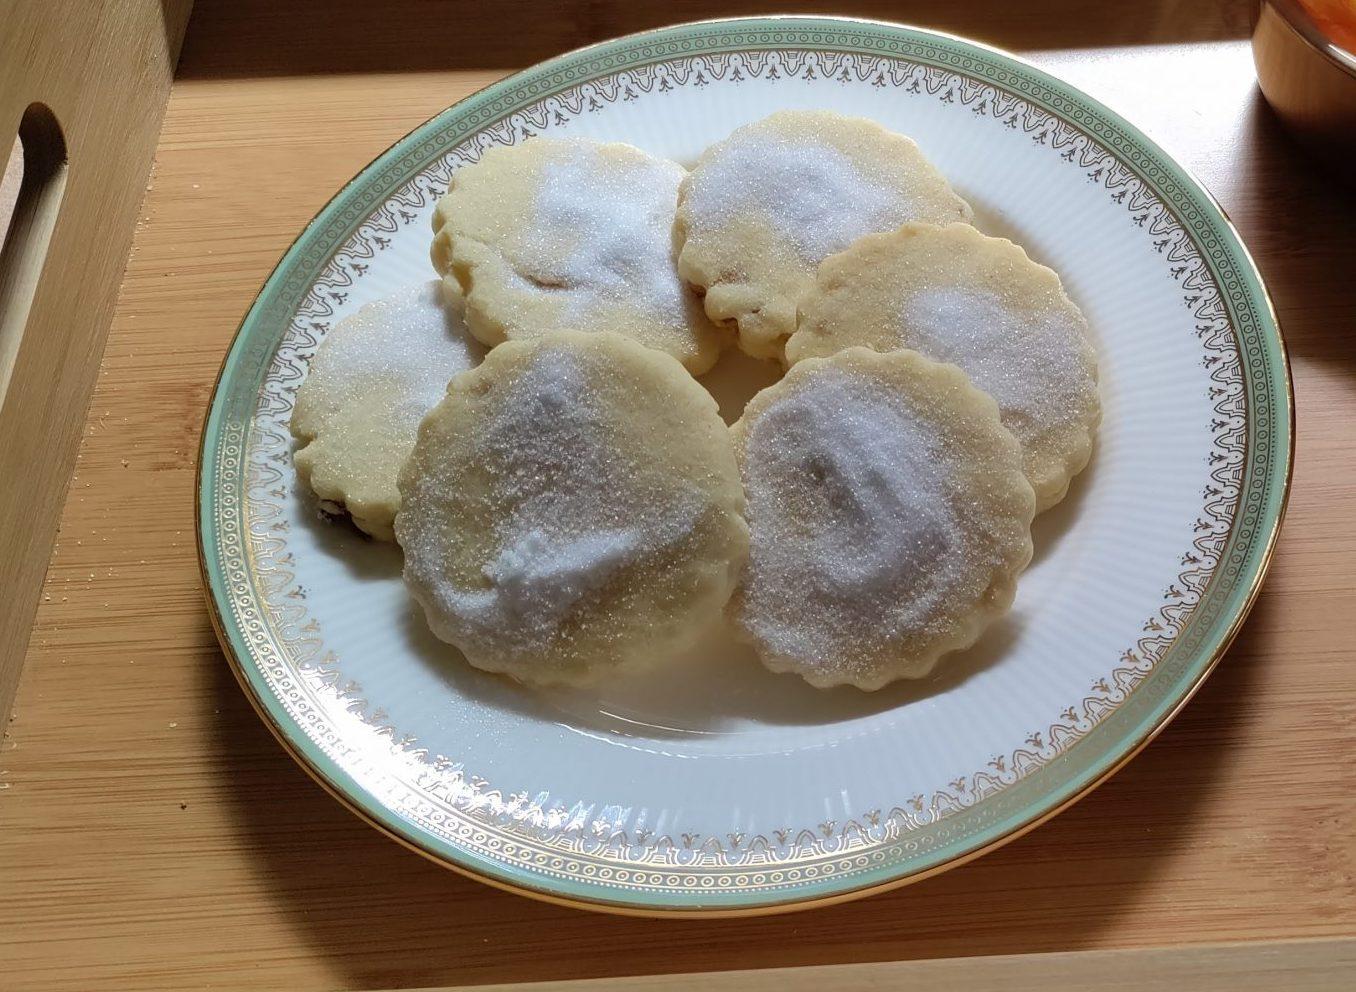 Victorian Shortbread